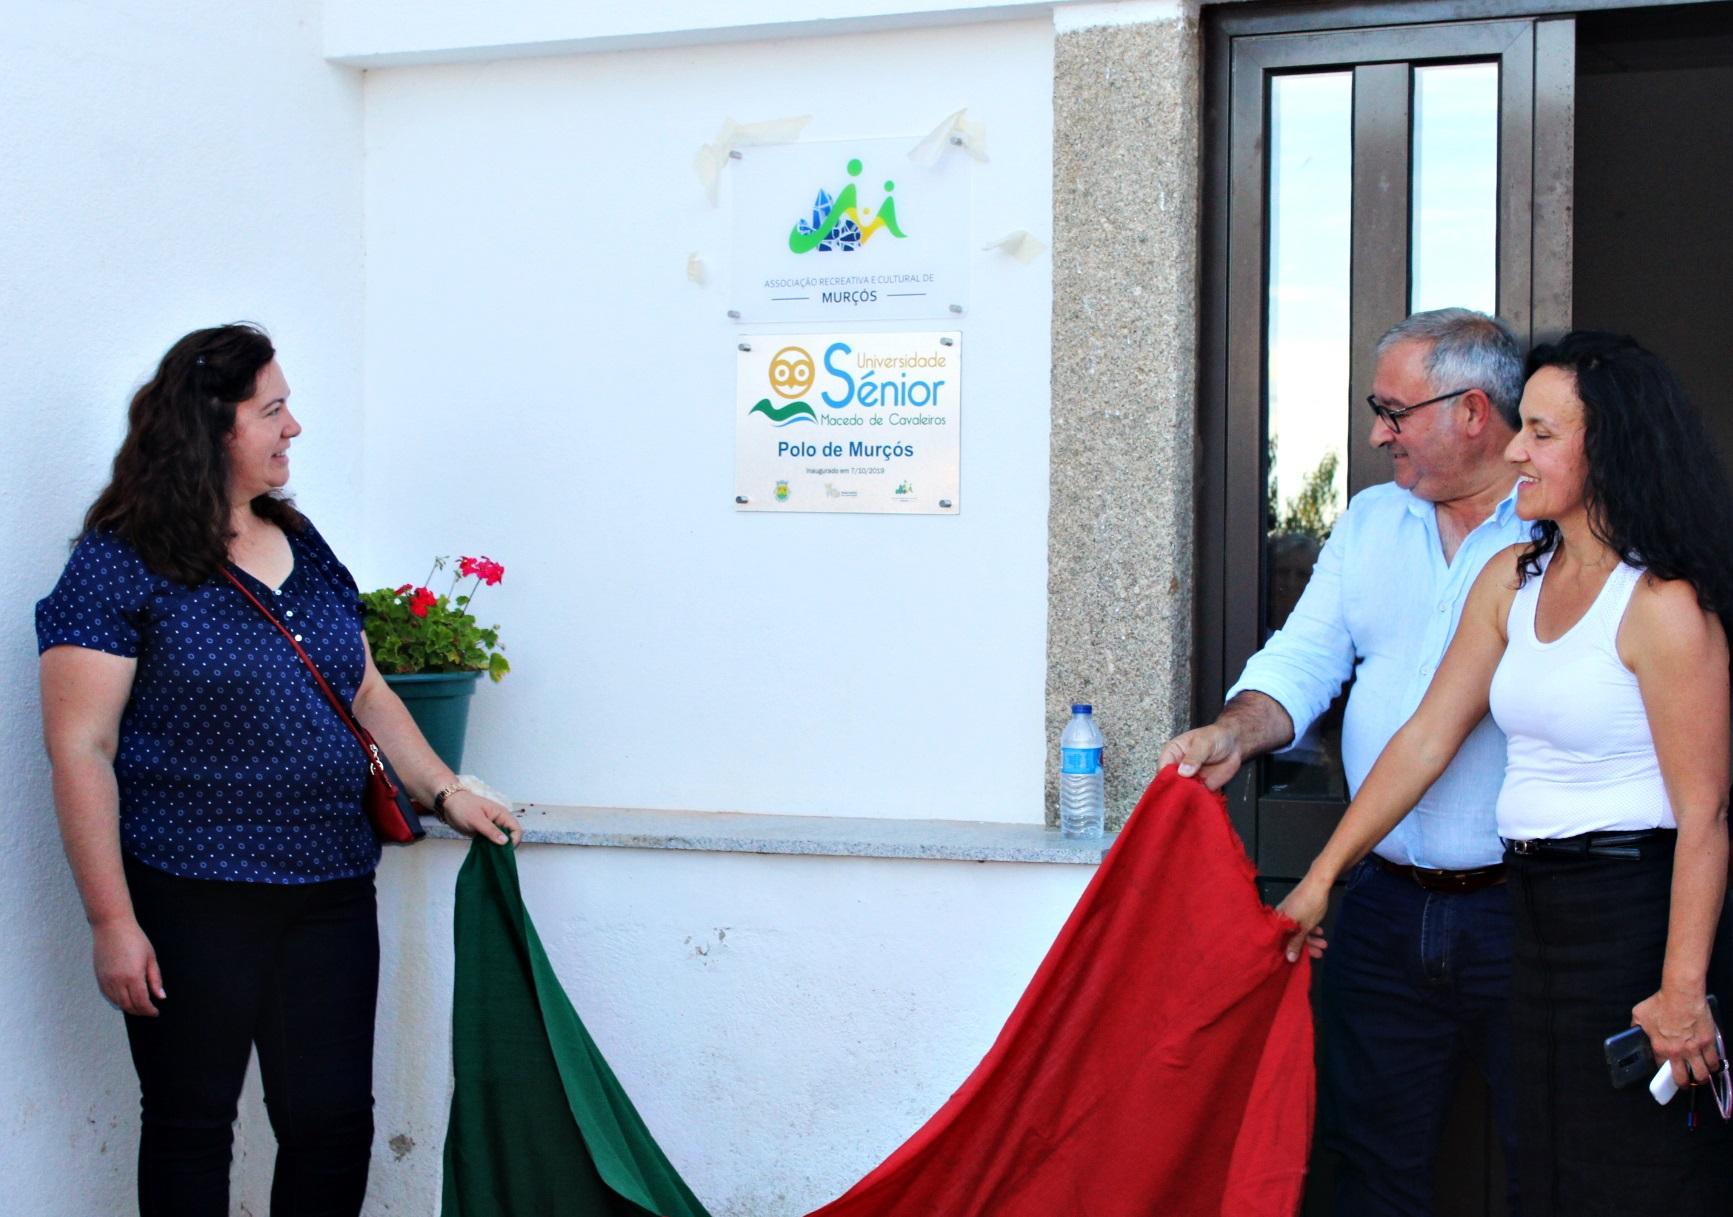 Murçós tem oficialmente um polo da Universidade Sénior